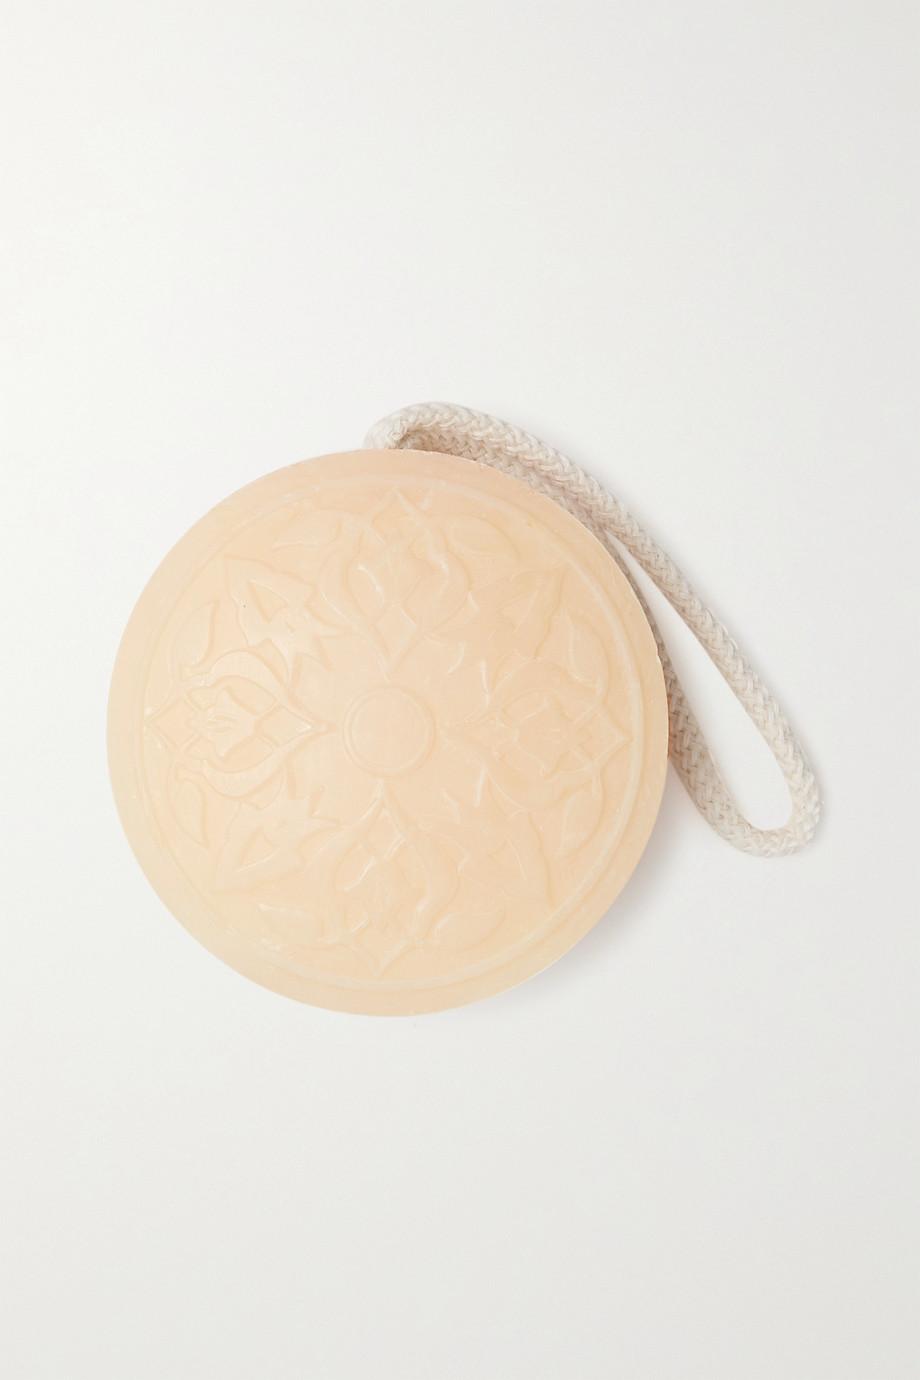 Senteurs d'Orient Hammam Soap - Honey, 205g